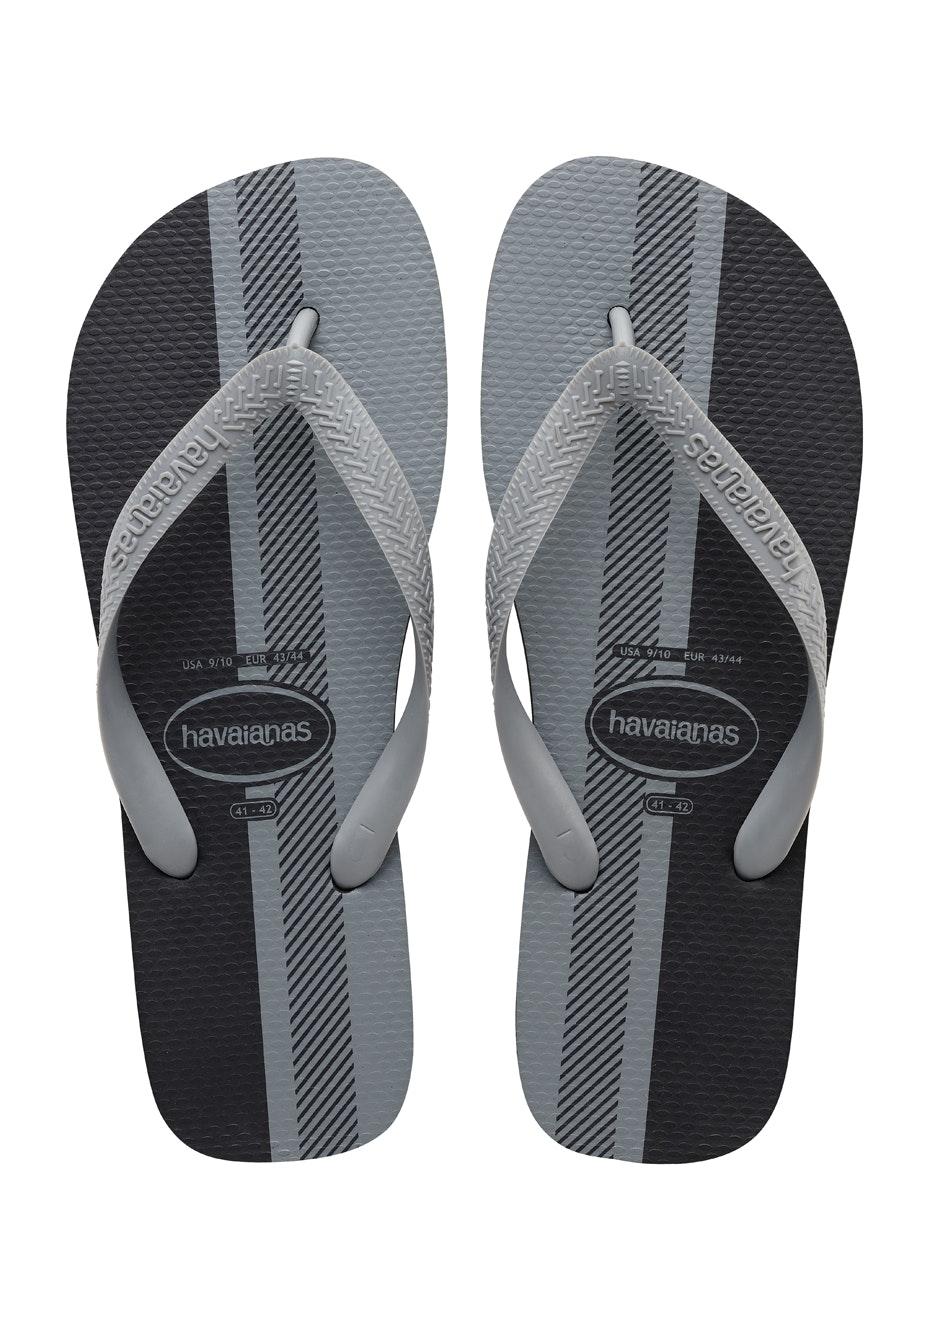 Havaianas Mens - Top Conceitos 6789 - Black/Ice Grey